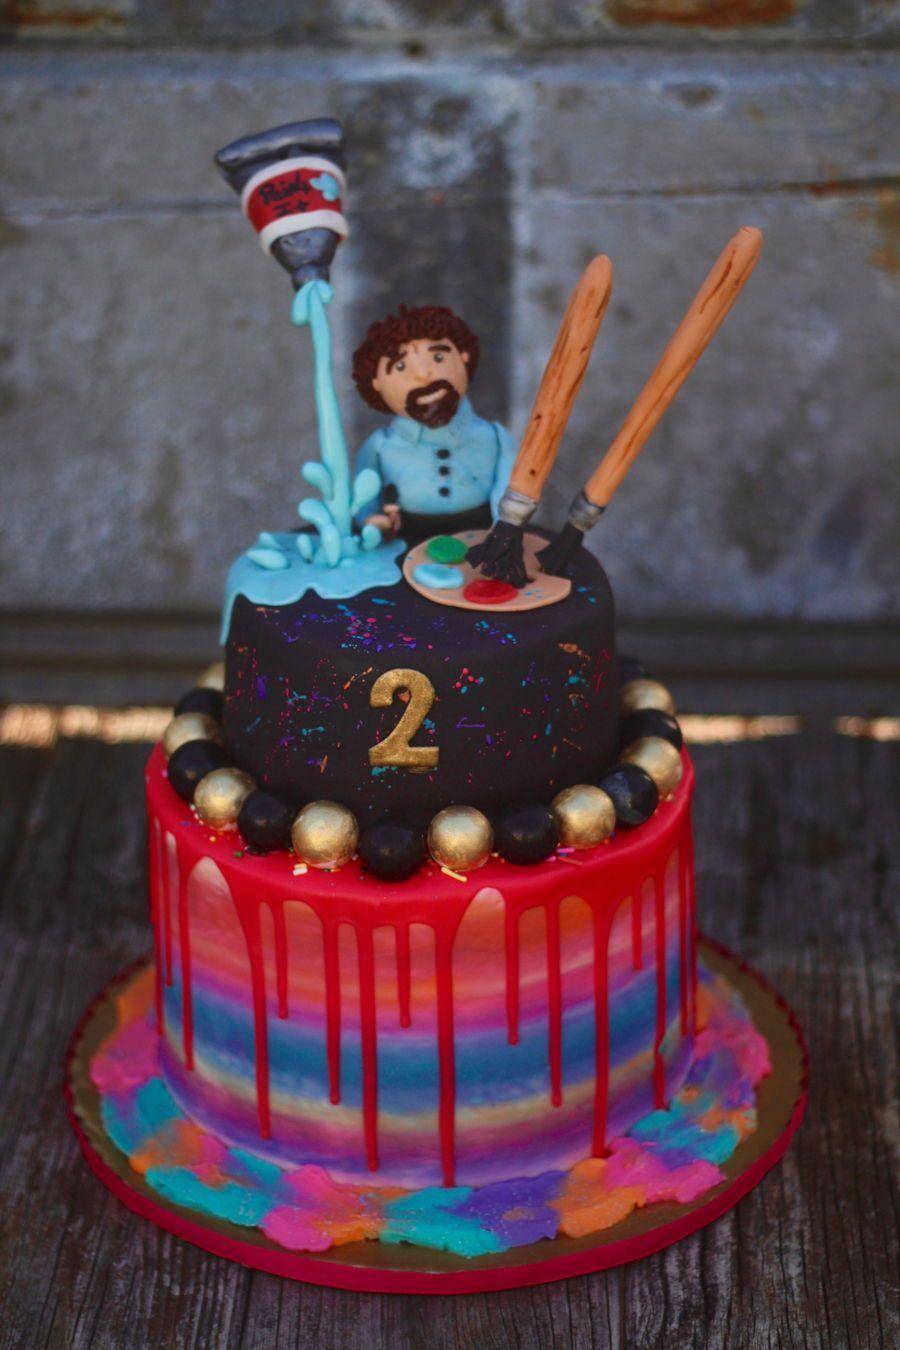 Bob Ross Art Cake Bob ross birthday, Bob ross, Bob ross art